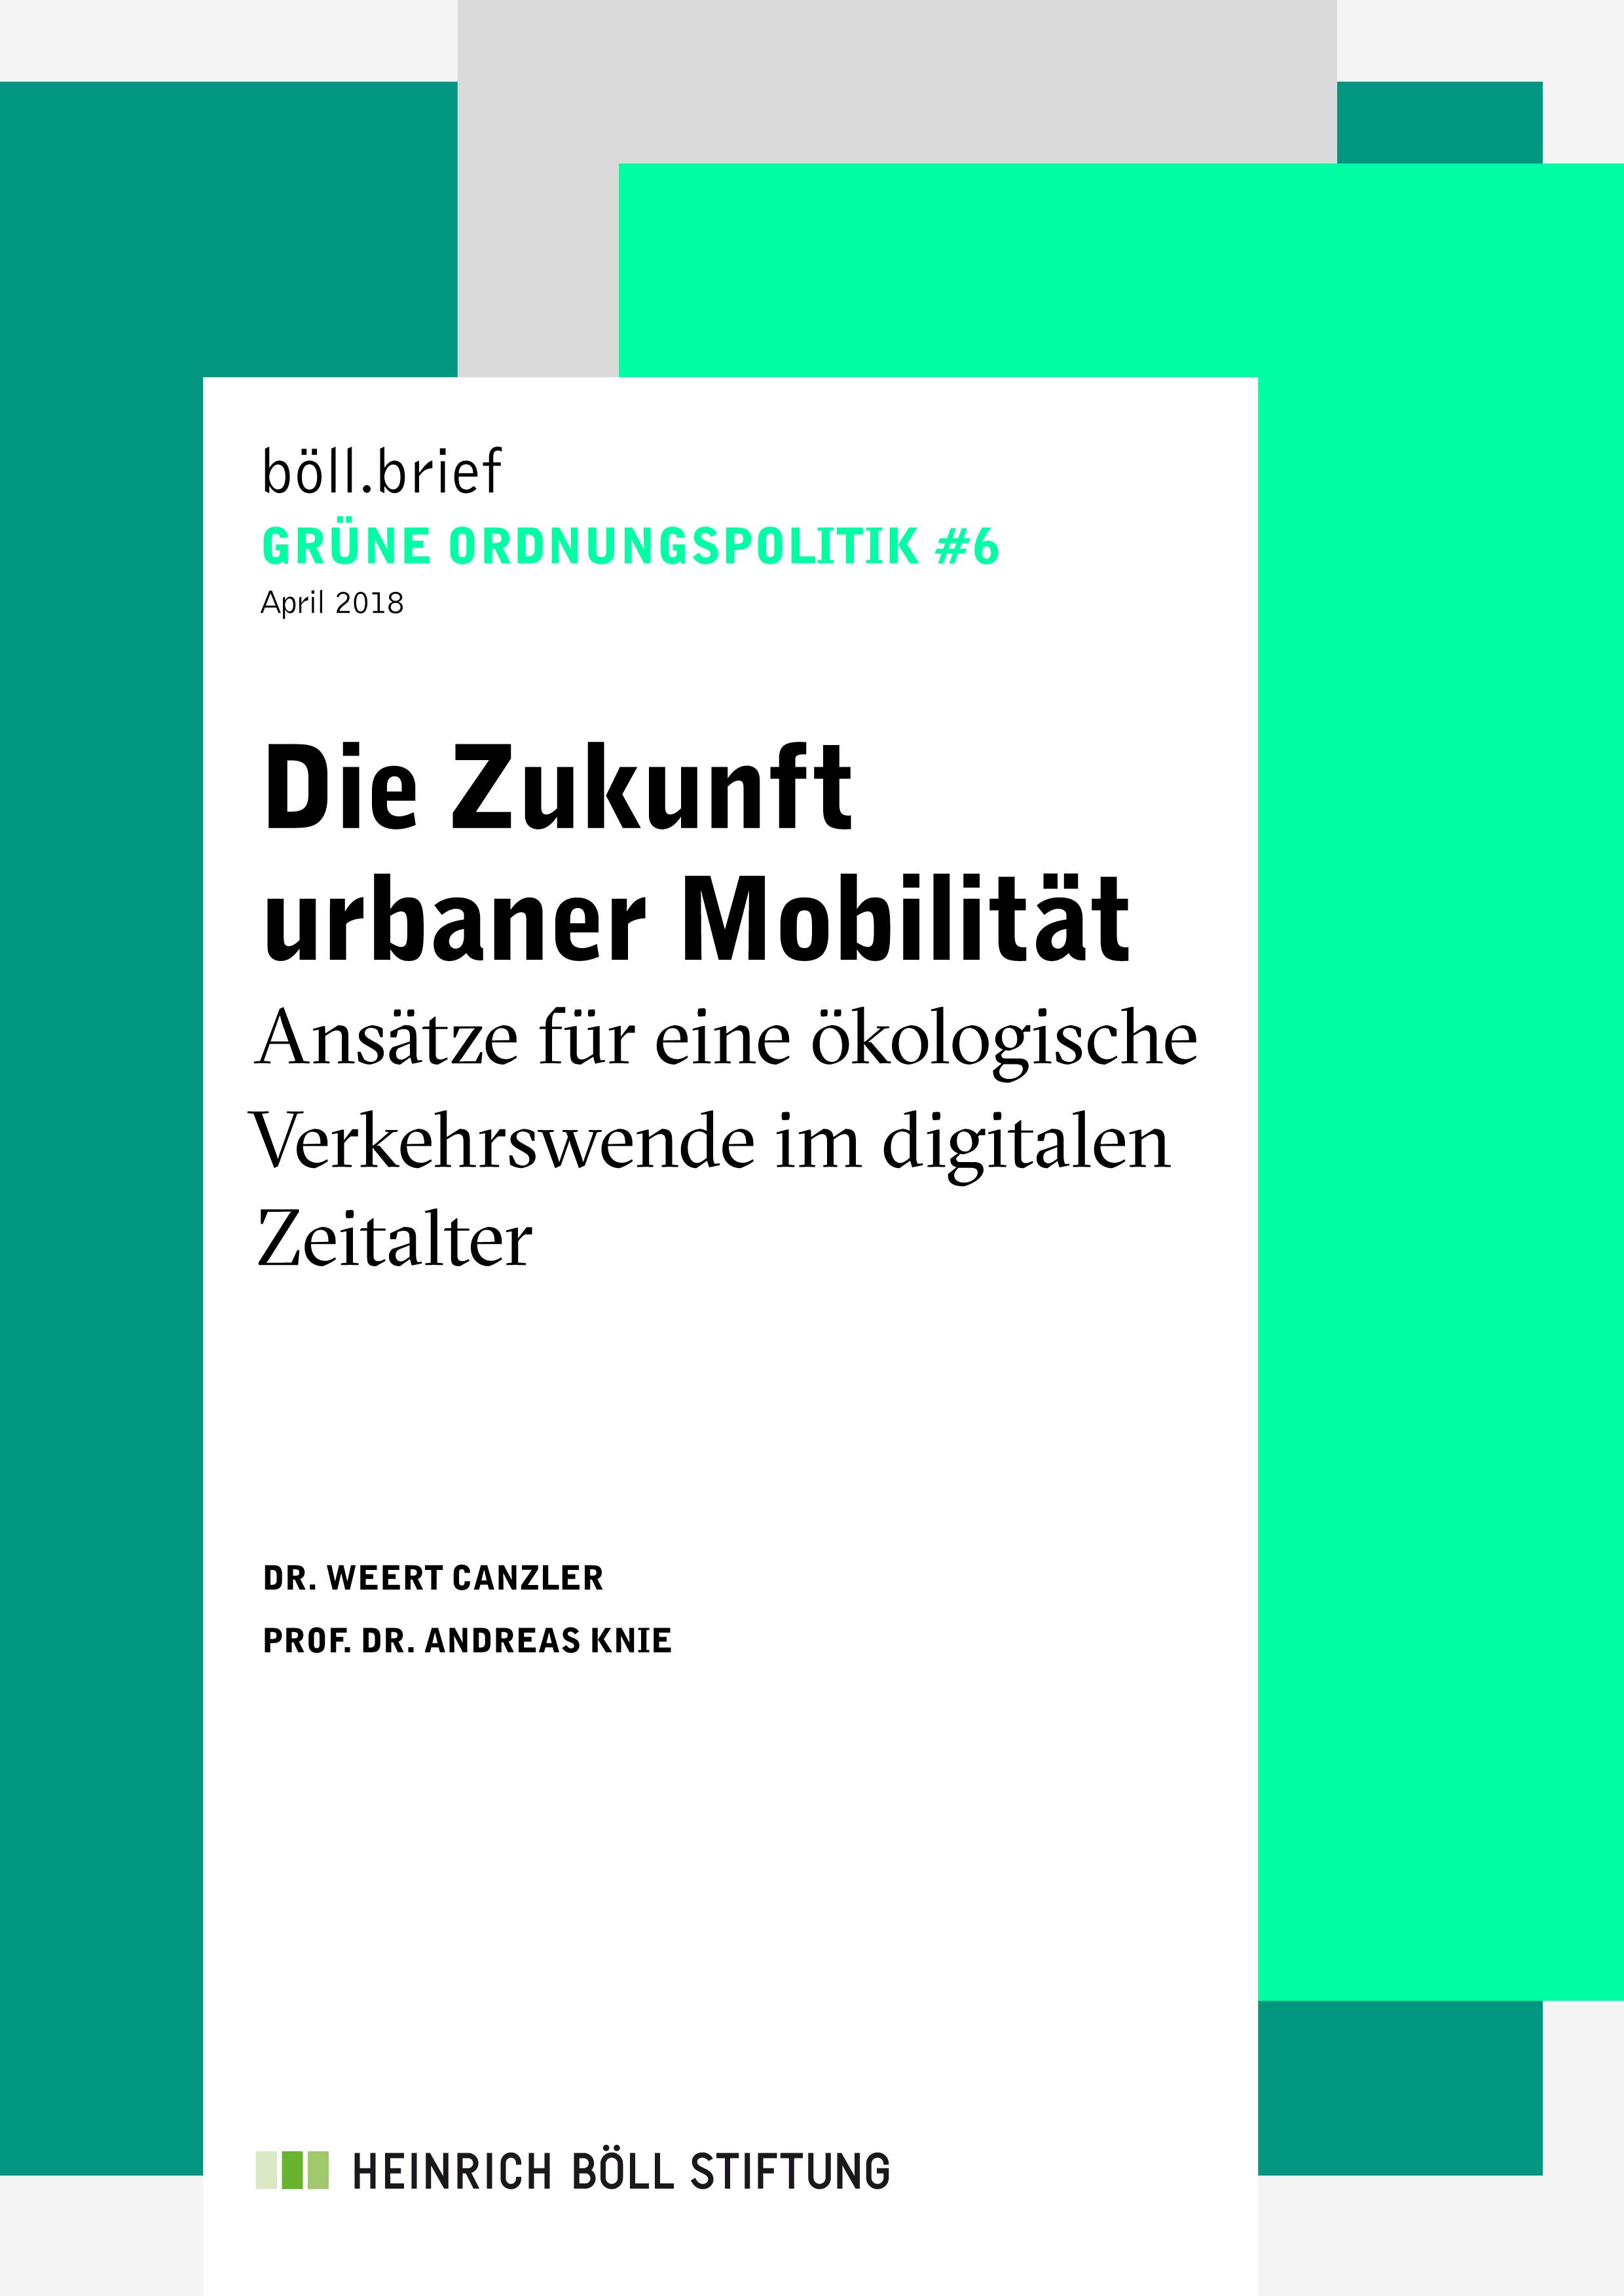 Die Zukunft urbaner Mobilität - böll.brief Grüne Ordnungspolitik #6 |  Heinrich-Böll-Stiftung